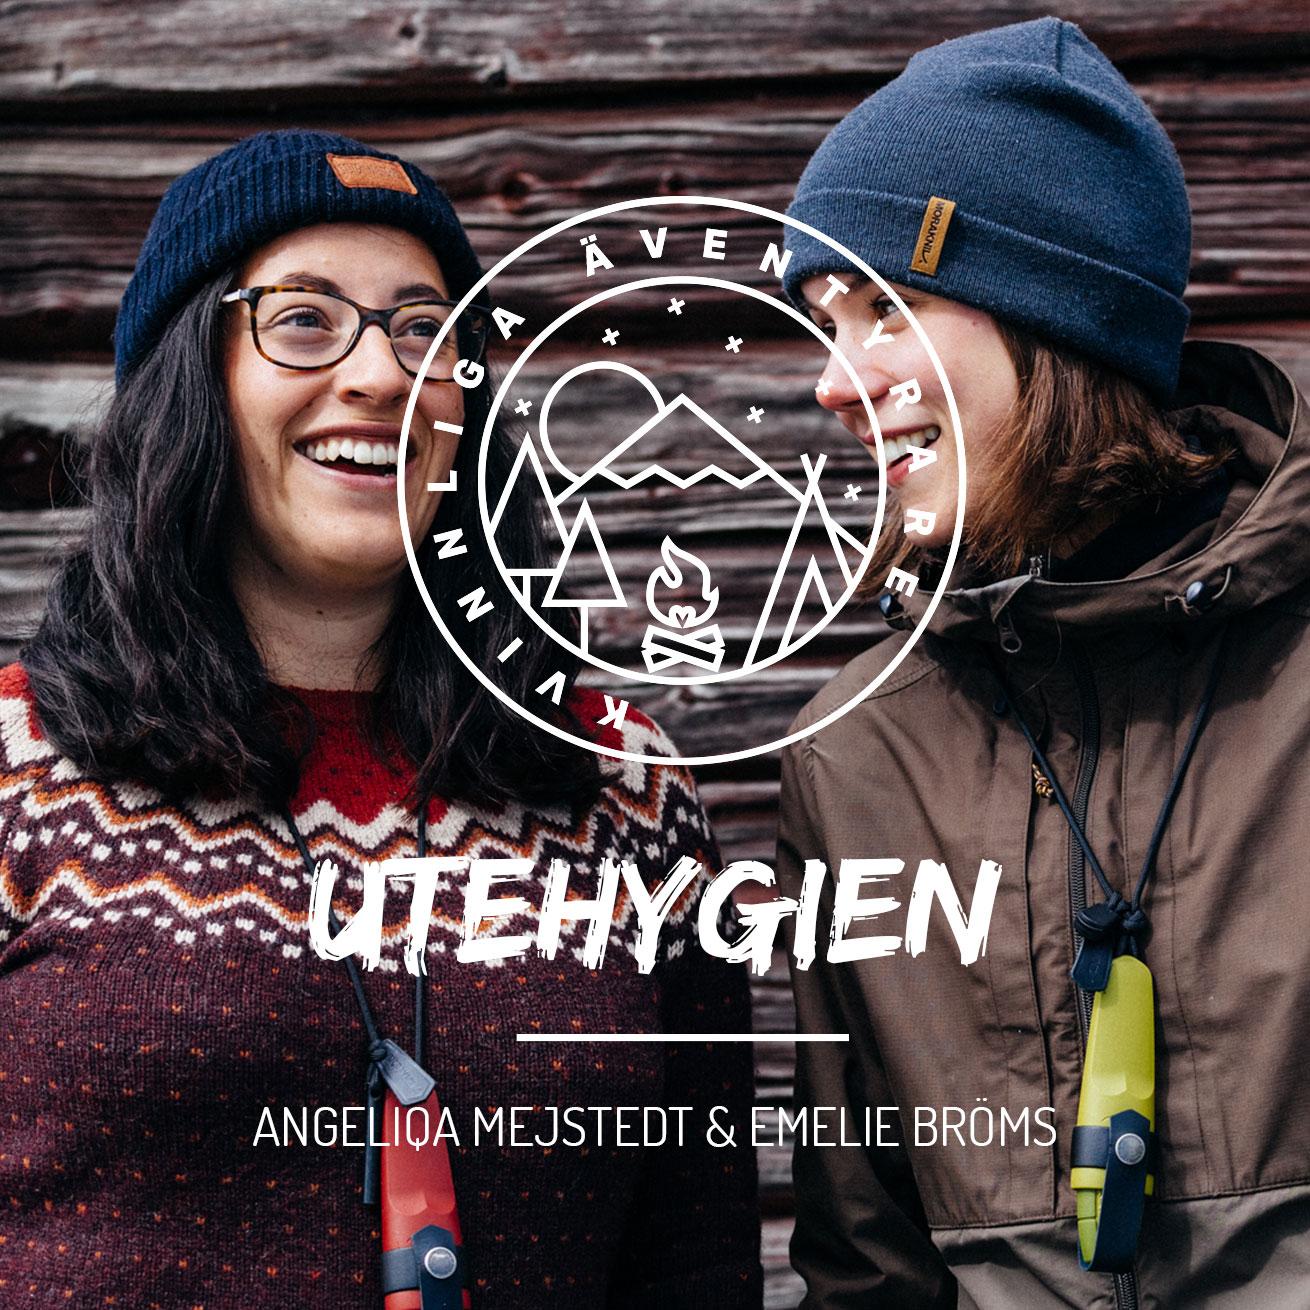 01-Utehygien-Kvinnliga-Aventyrare-Podcast